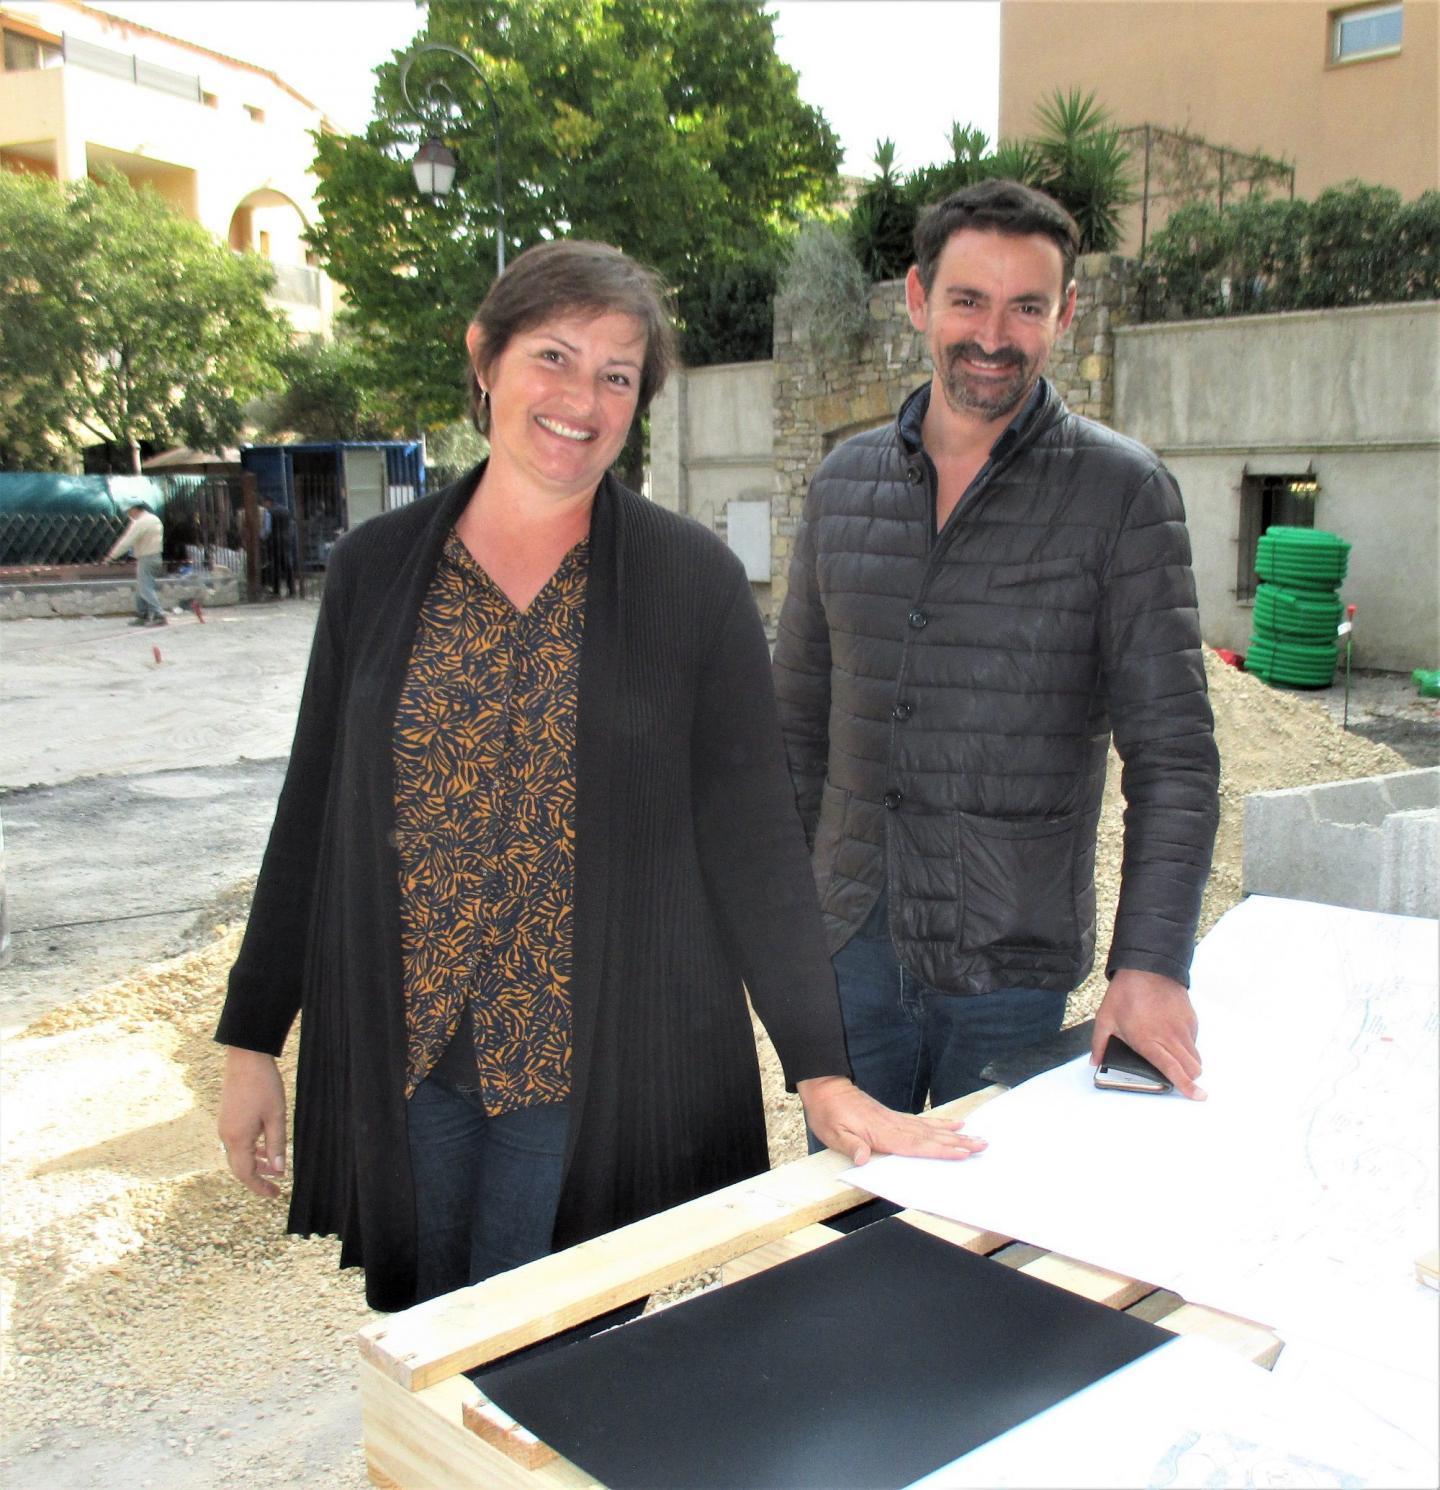 Chantal Terrieux et son adjoint, Ludovic Fro, ont prévu une terrasse en bois exotique, en terre cuite et en pierres, qui sera installée à l'entrée de la galerie Tournamy 700.